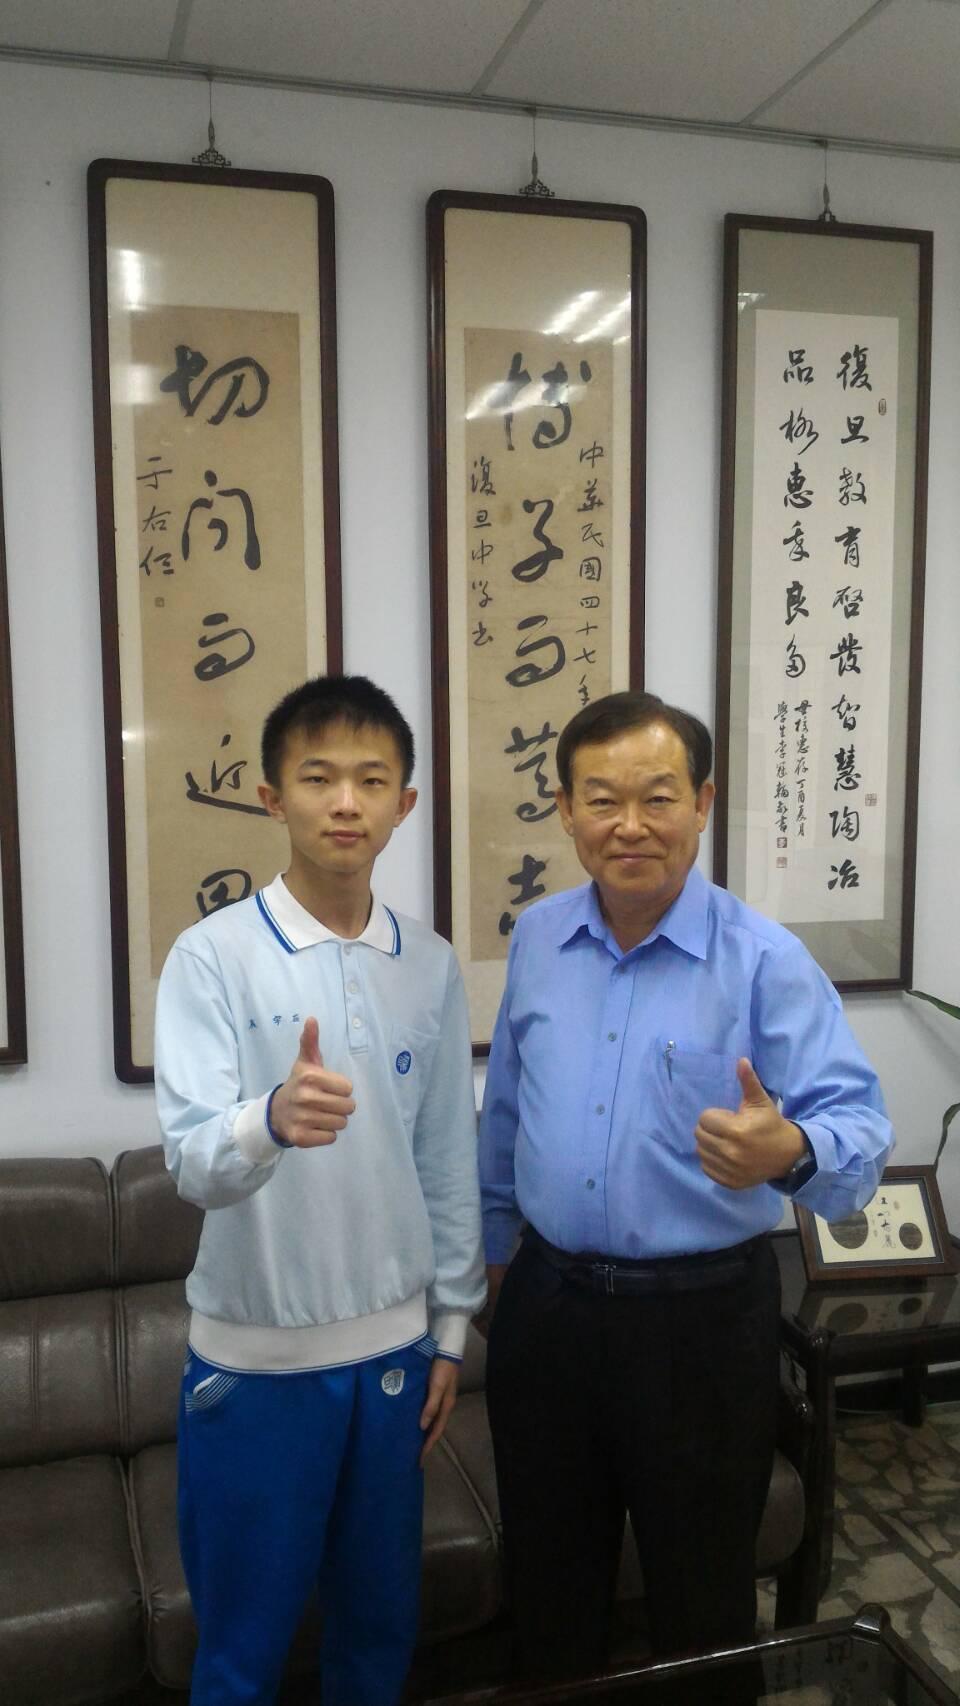 石宇辰(左)繁星以第3名錄取台大醫學系,他熱愛公益服務偏鄉和弱勢立志從醫,校長段...